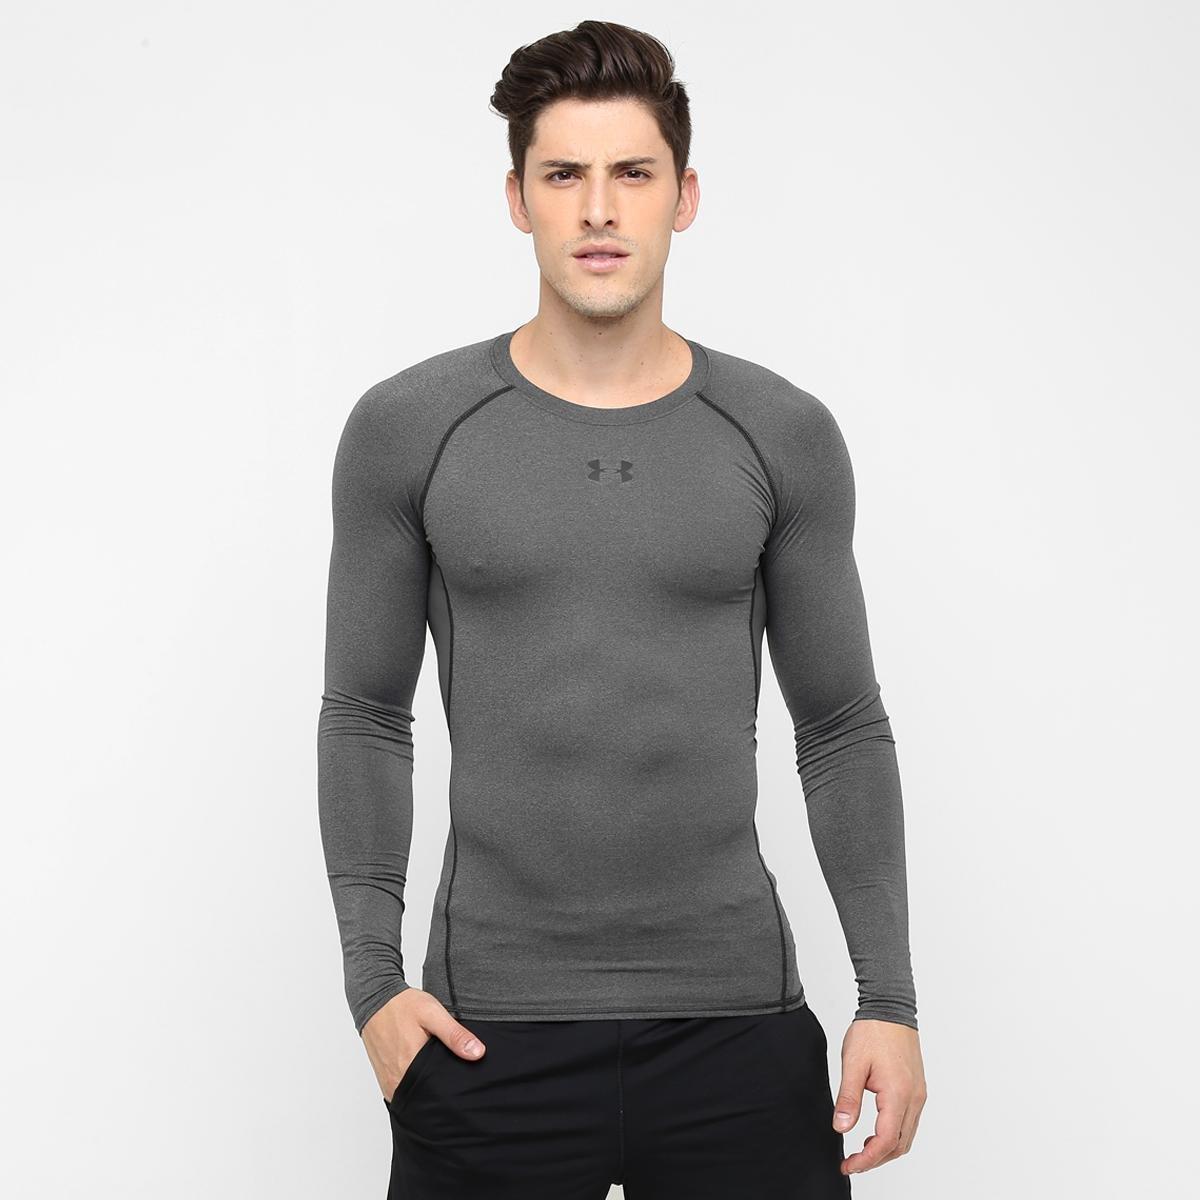 Camisa de Compressão Under Armour HG Manga Longa Masculina  767019c8e4f19